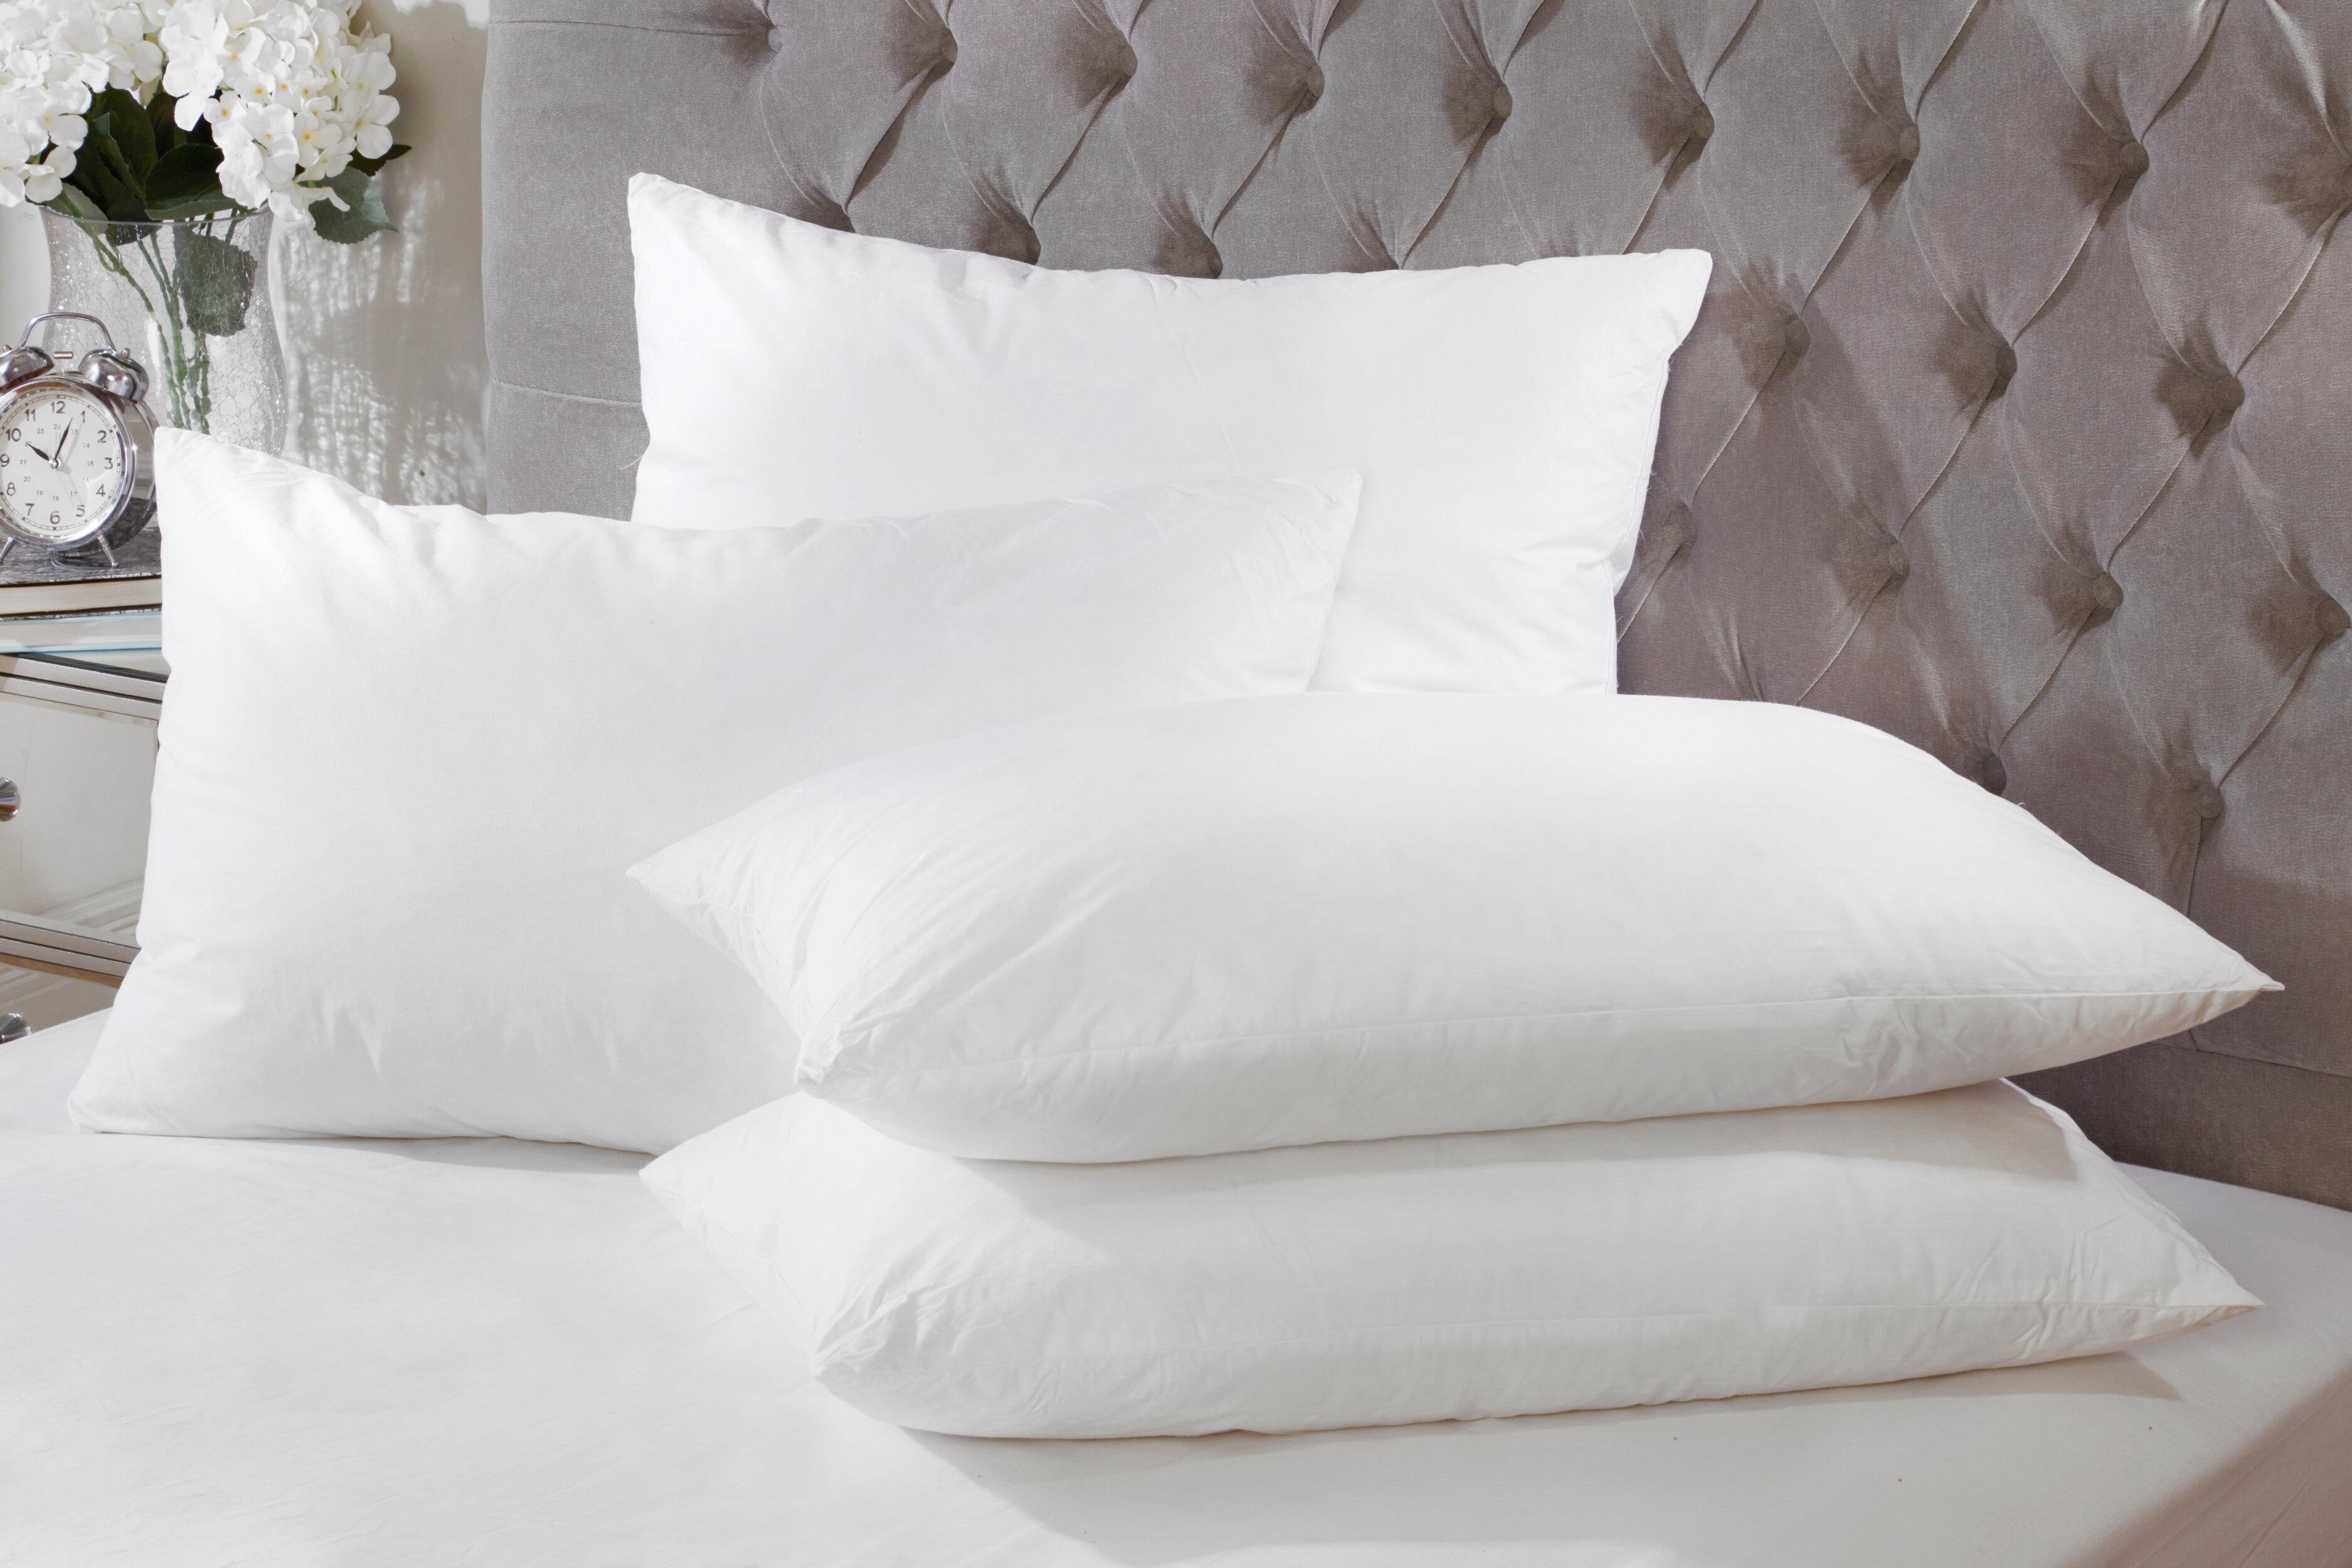 Royal Elite Down Pillow Standard